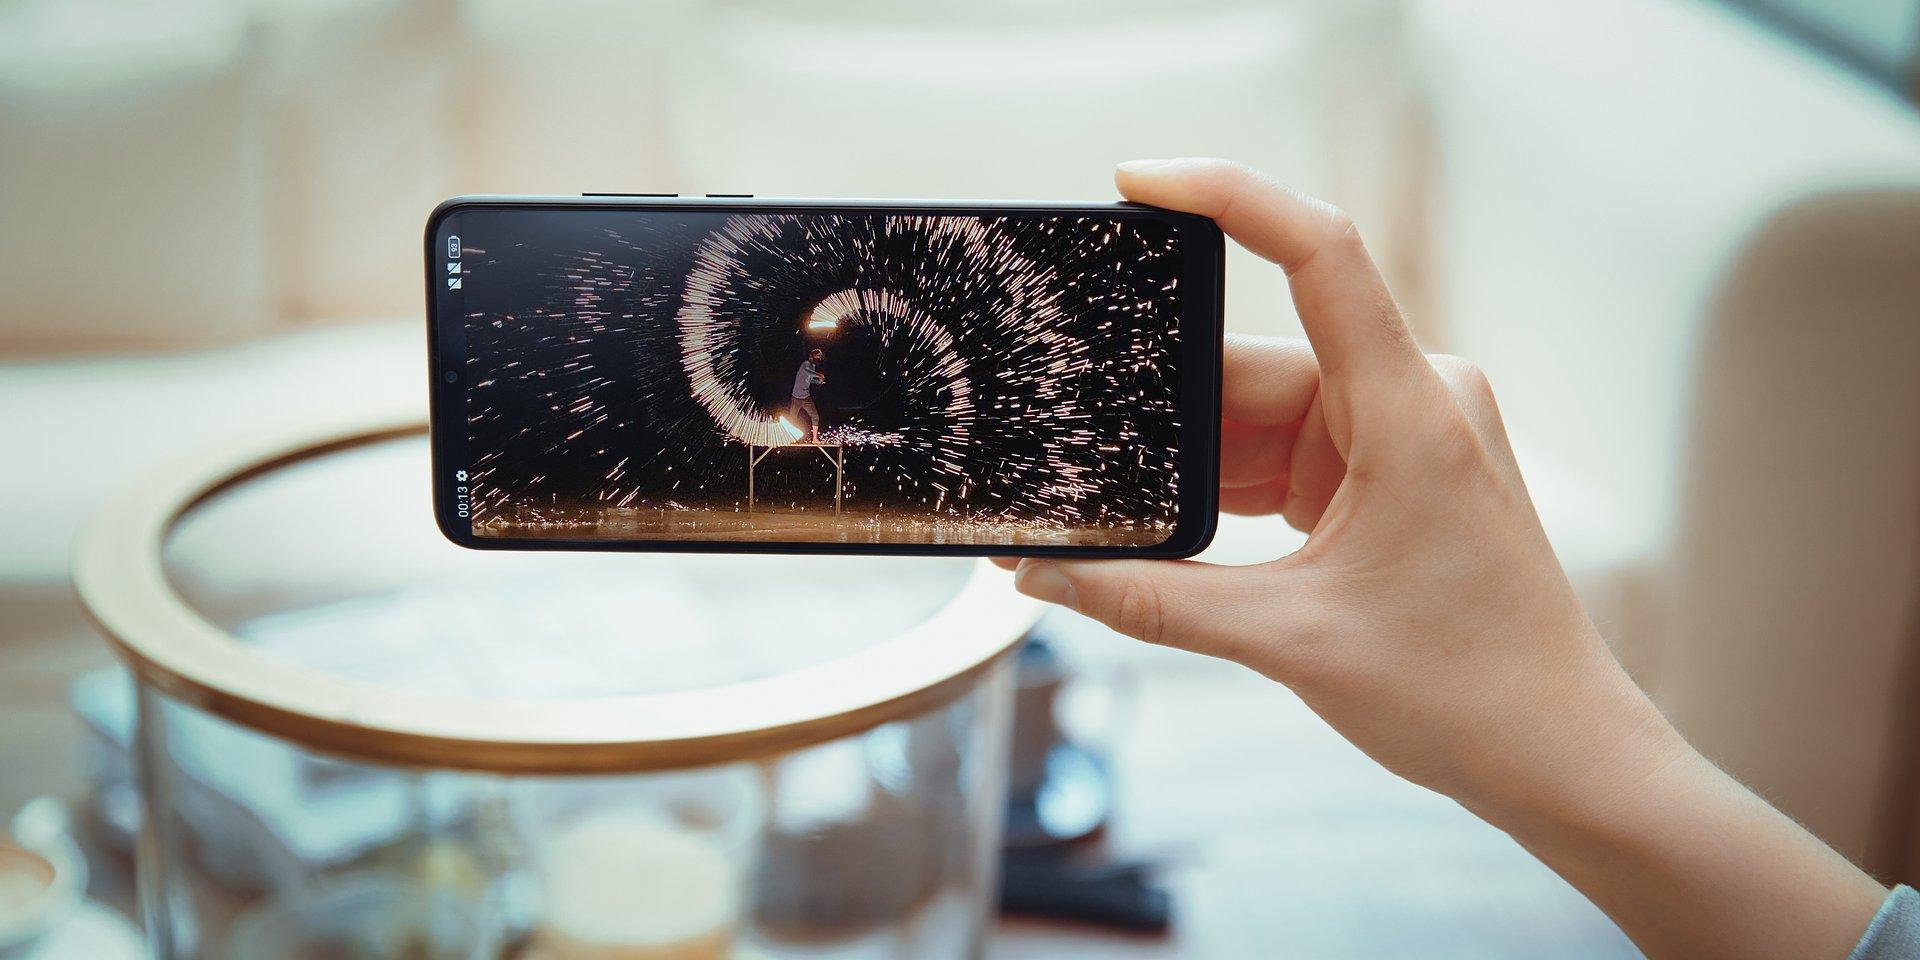 Dobry smartfon nie musi być drogi - na co zwrócić uwagę porównując modele z niższej półki cenowej